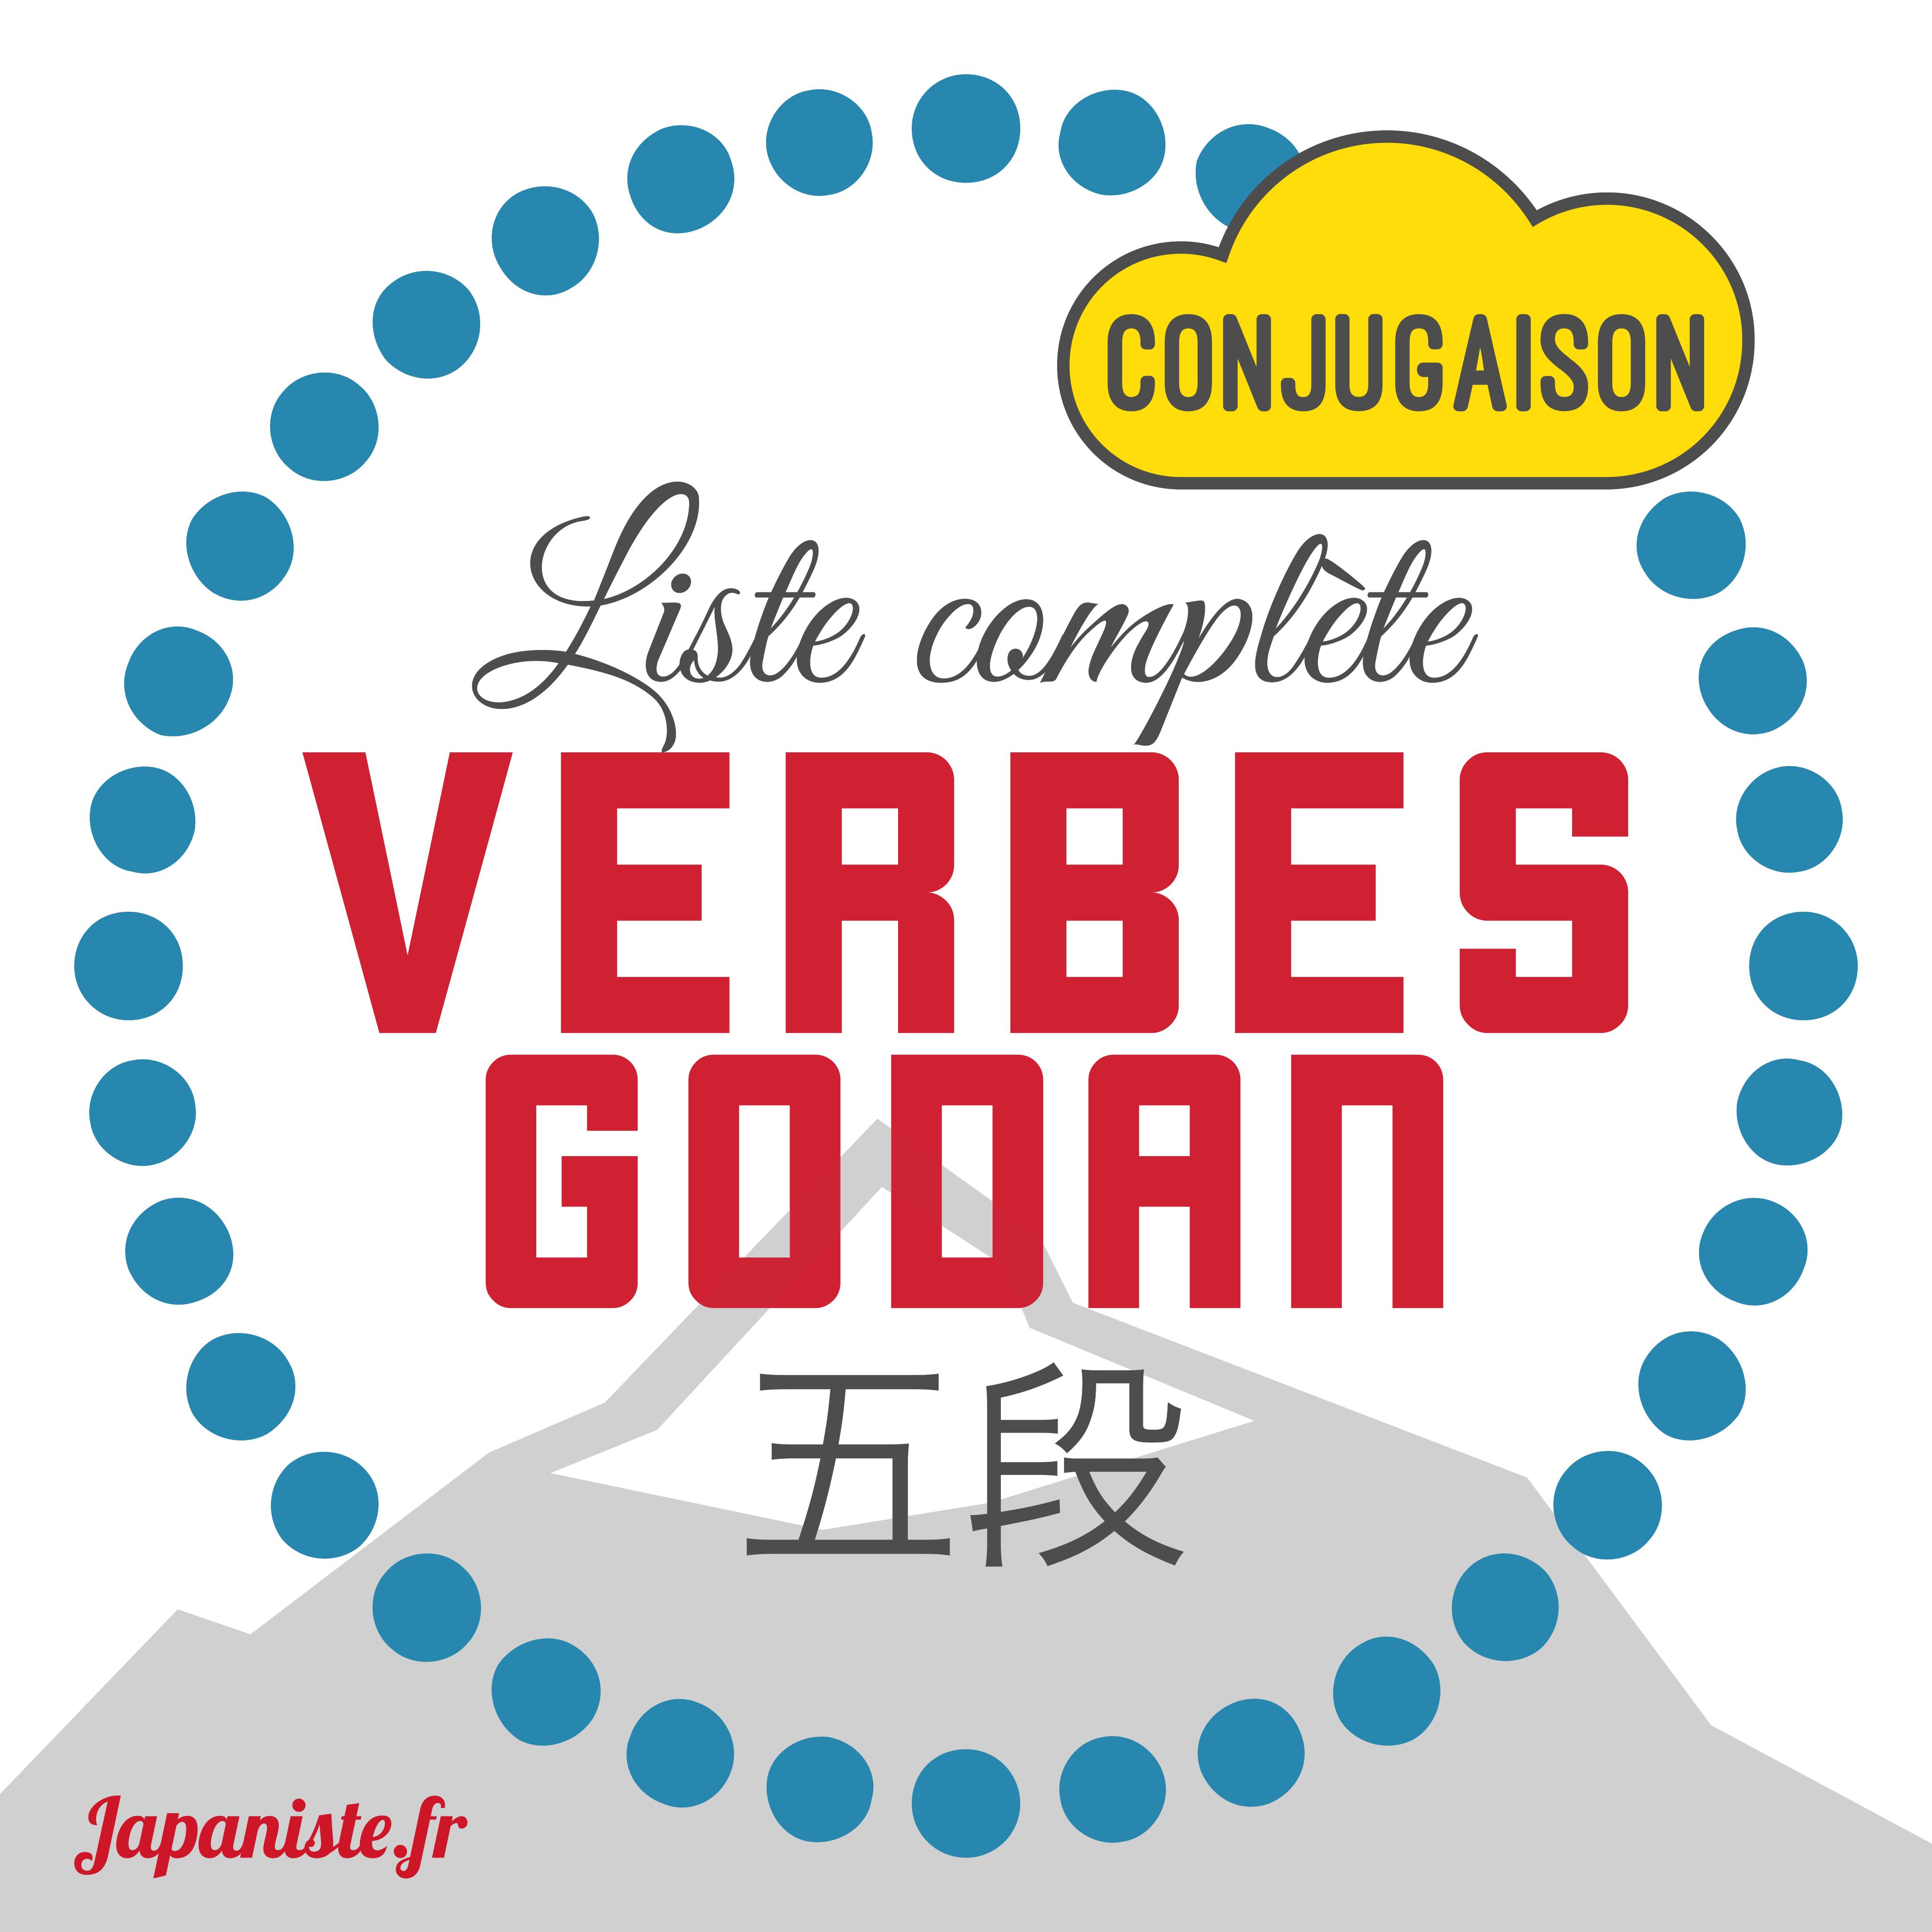 Liste Complete Verbes Godan Apprendre Le Japonais Avec Le Japaniste